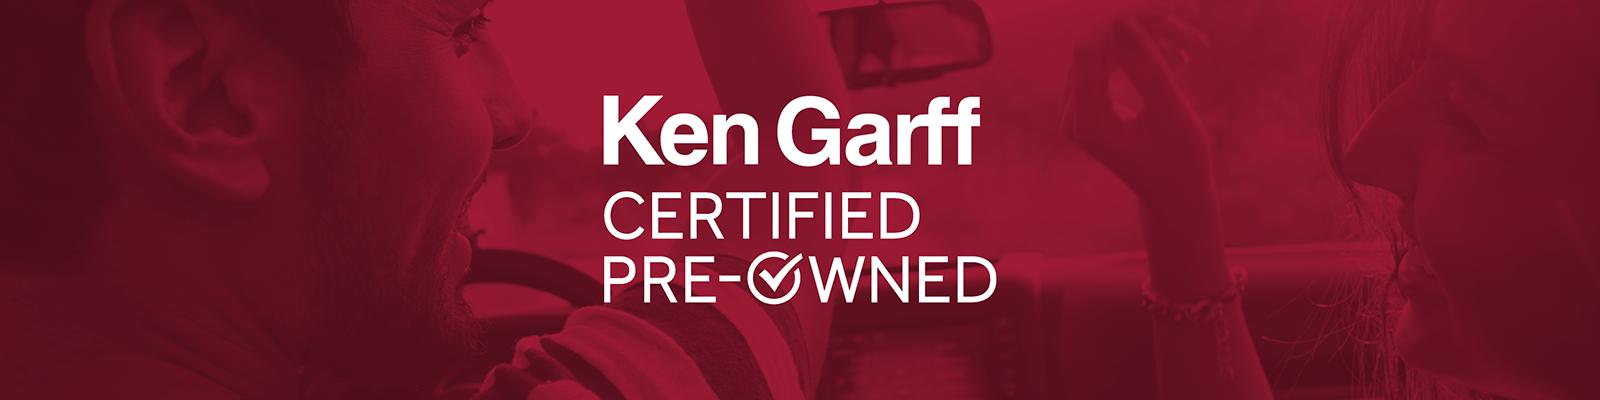 ken-garff-cpo-banner